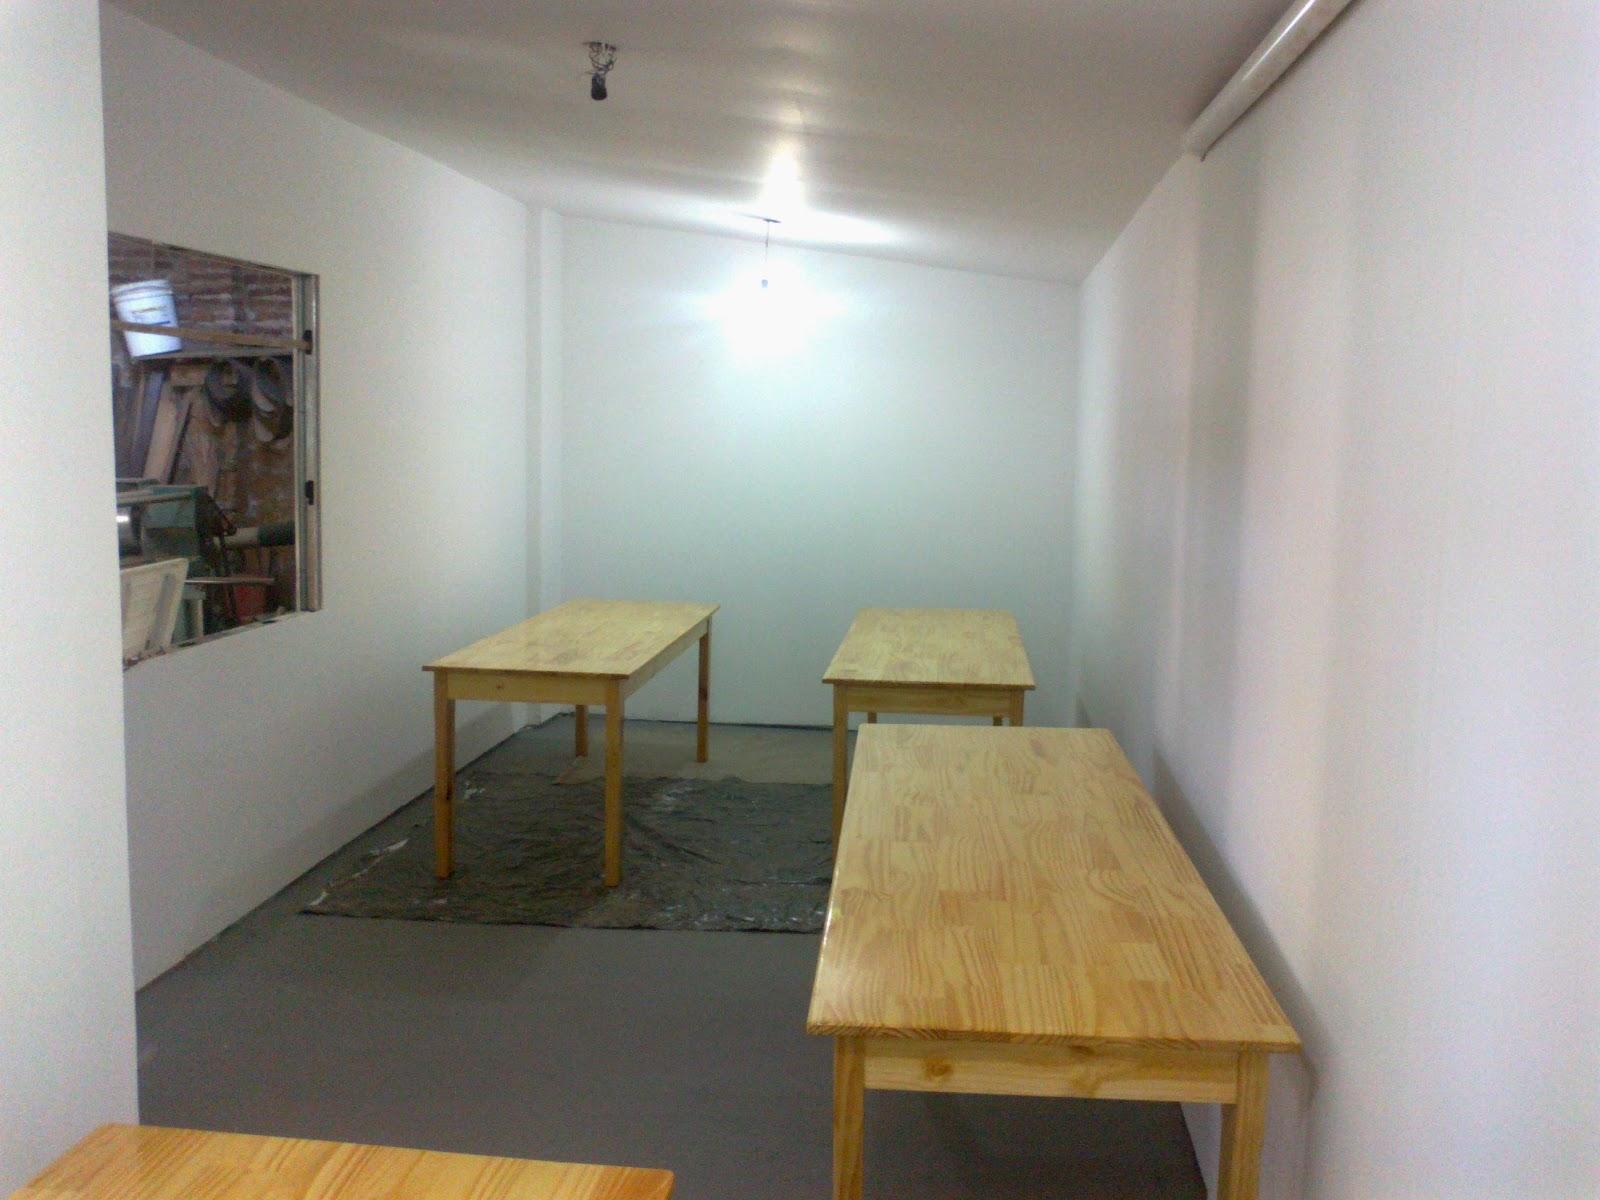 Proyectos productivos etis bancos y mesas para comedores for Comedores mesas